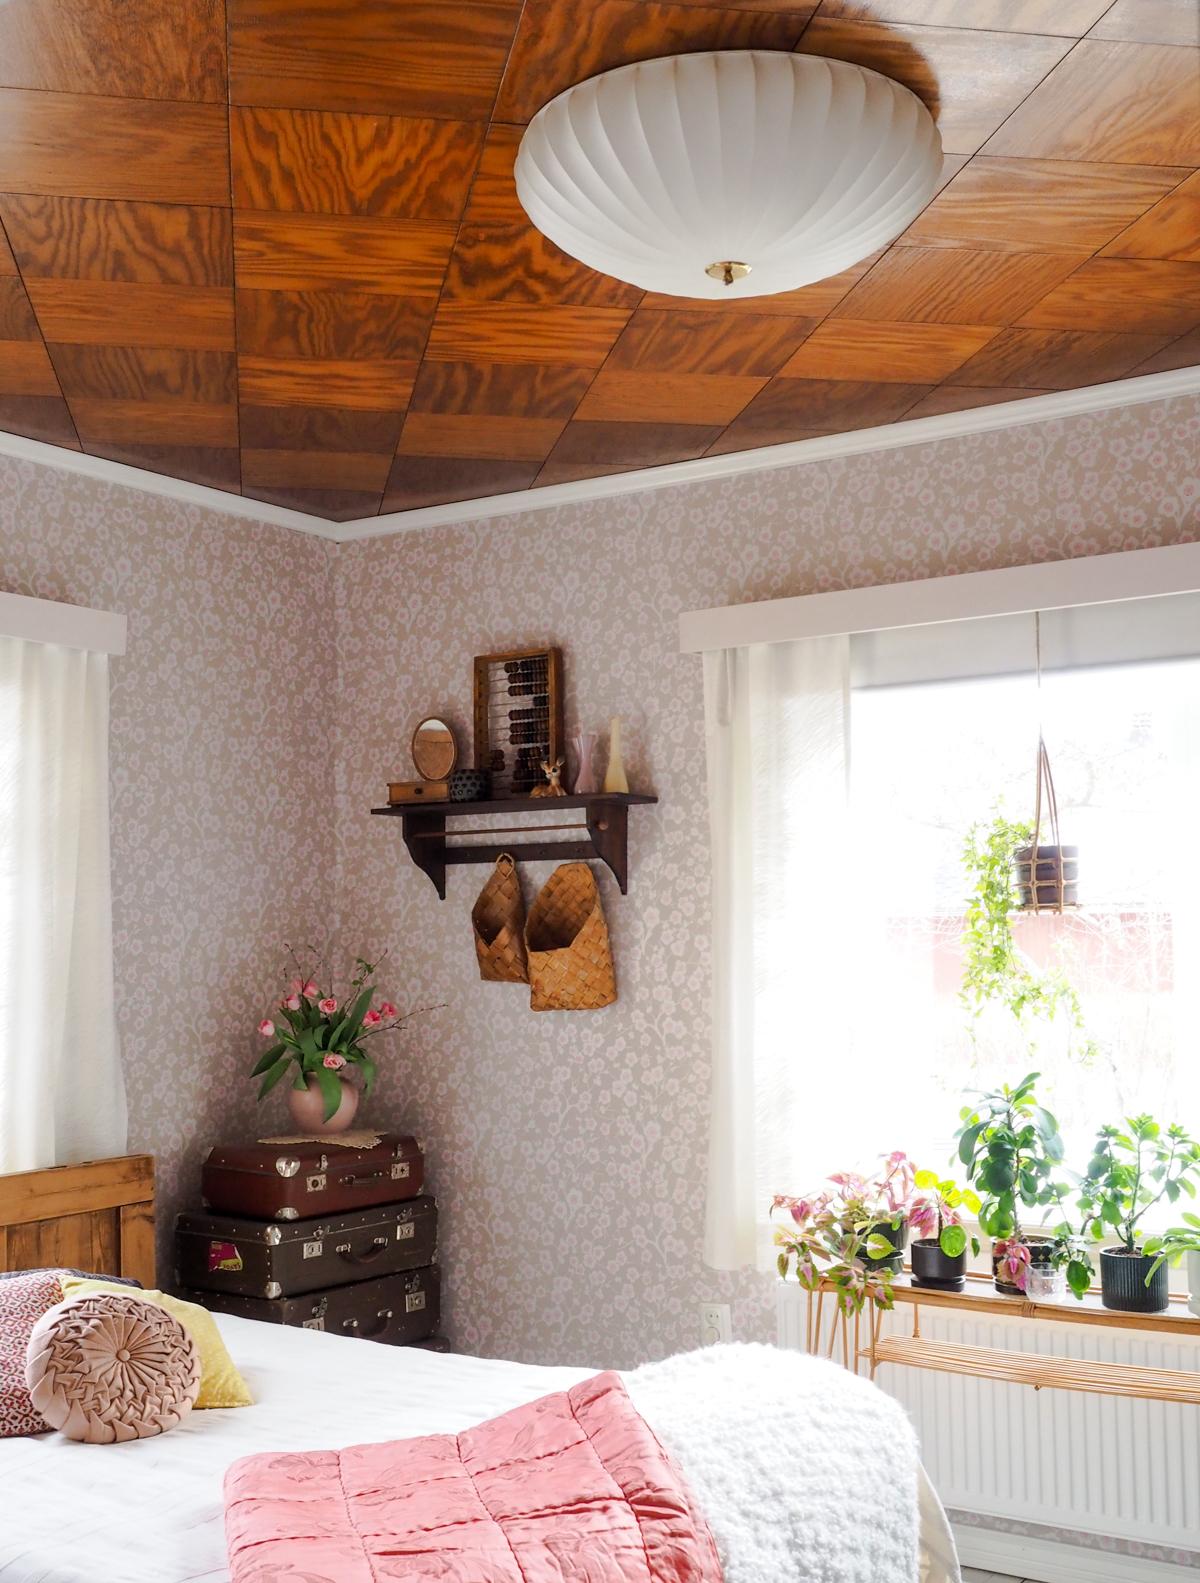 aris kattoplafondi, vanha valaisin